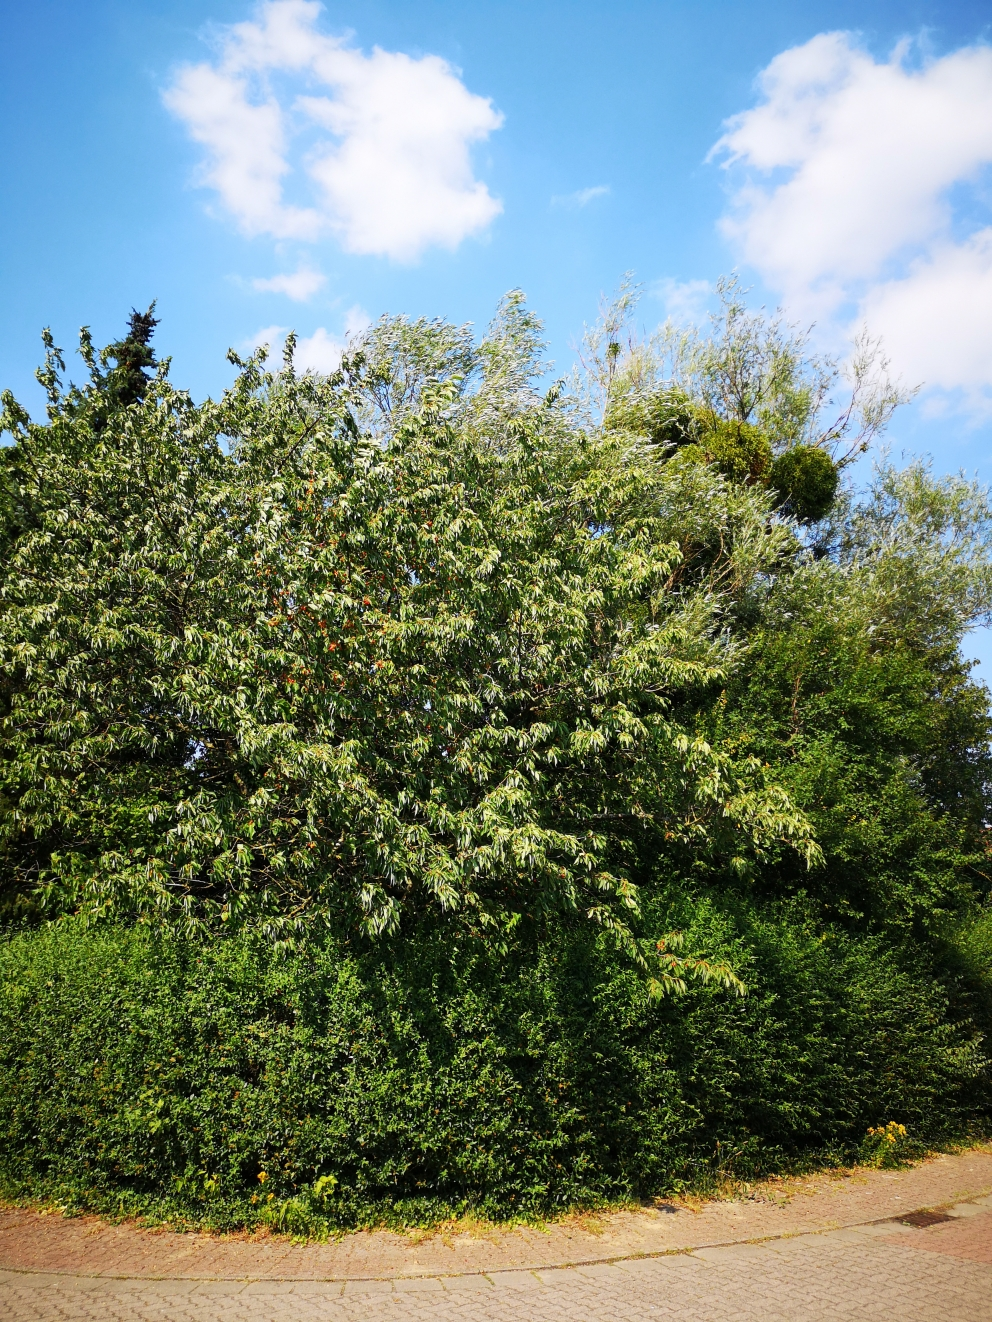 Kirschen, Äpfel - frisches Obst aus dem eigenen Garten.